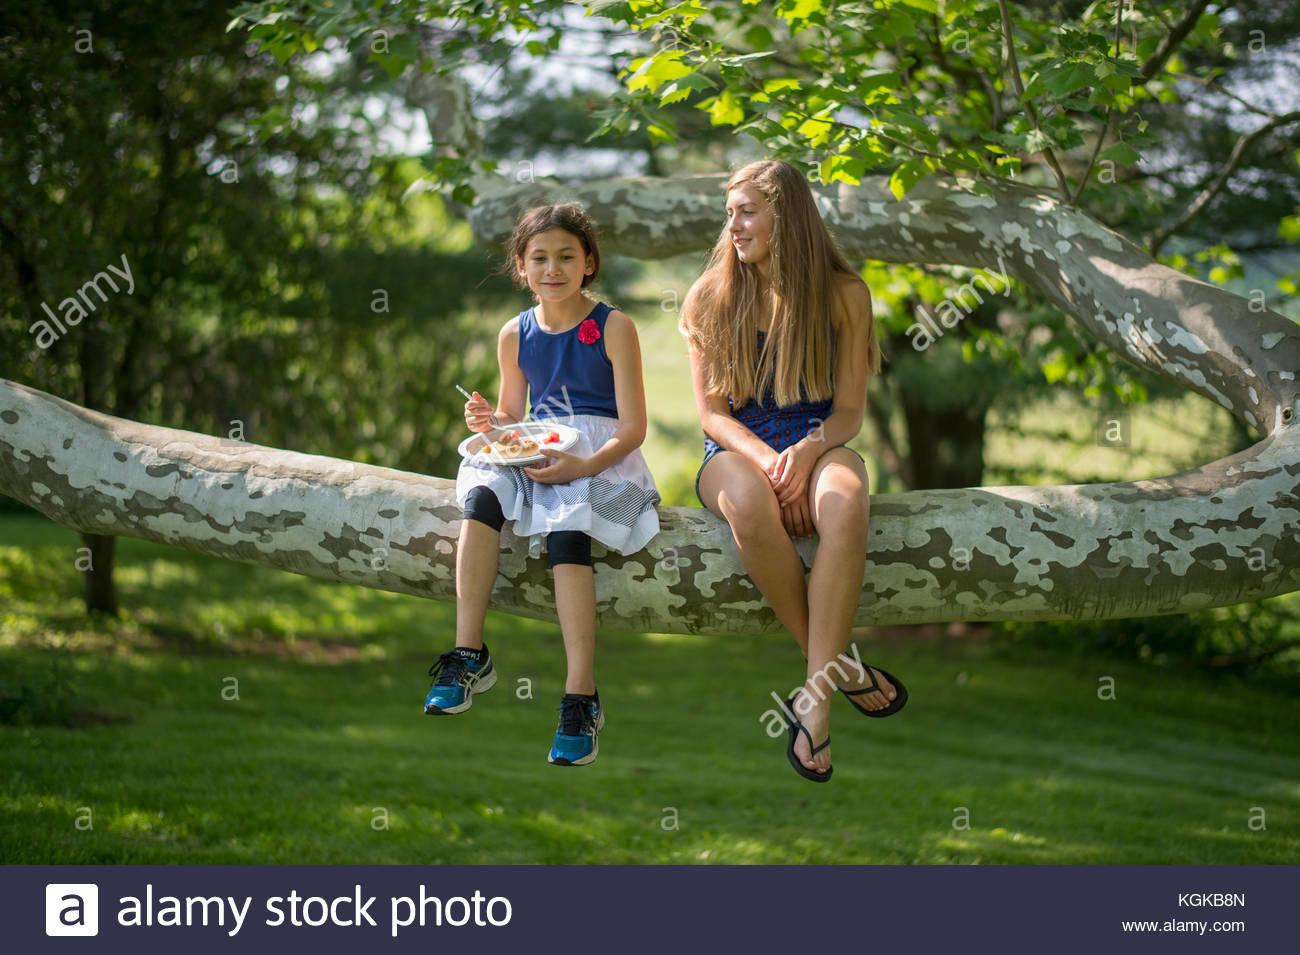 Dos niñas se sientan juntos en una gran rama del árbol. Foto de stock